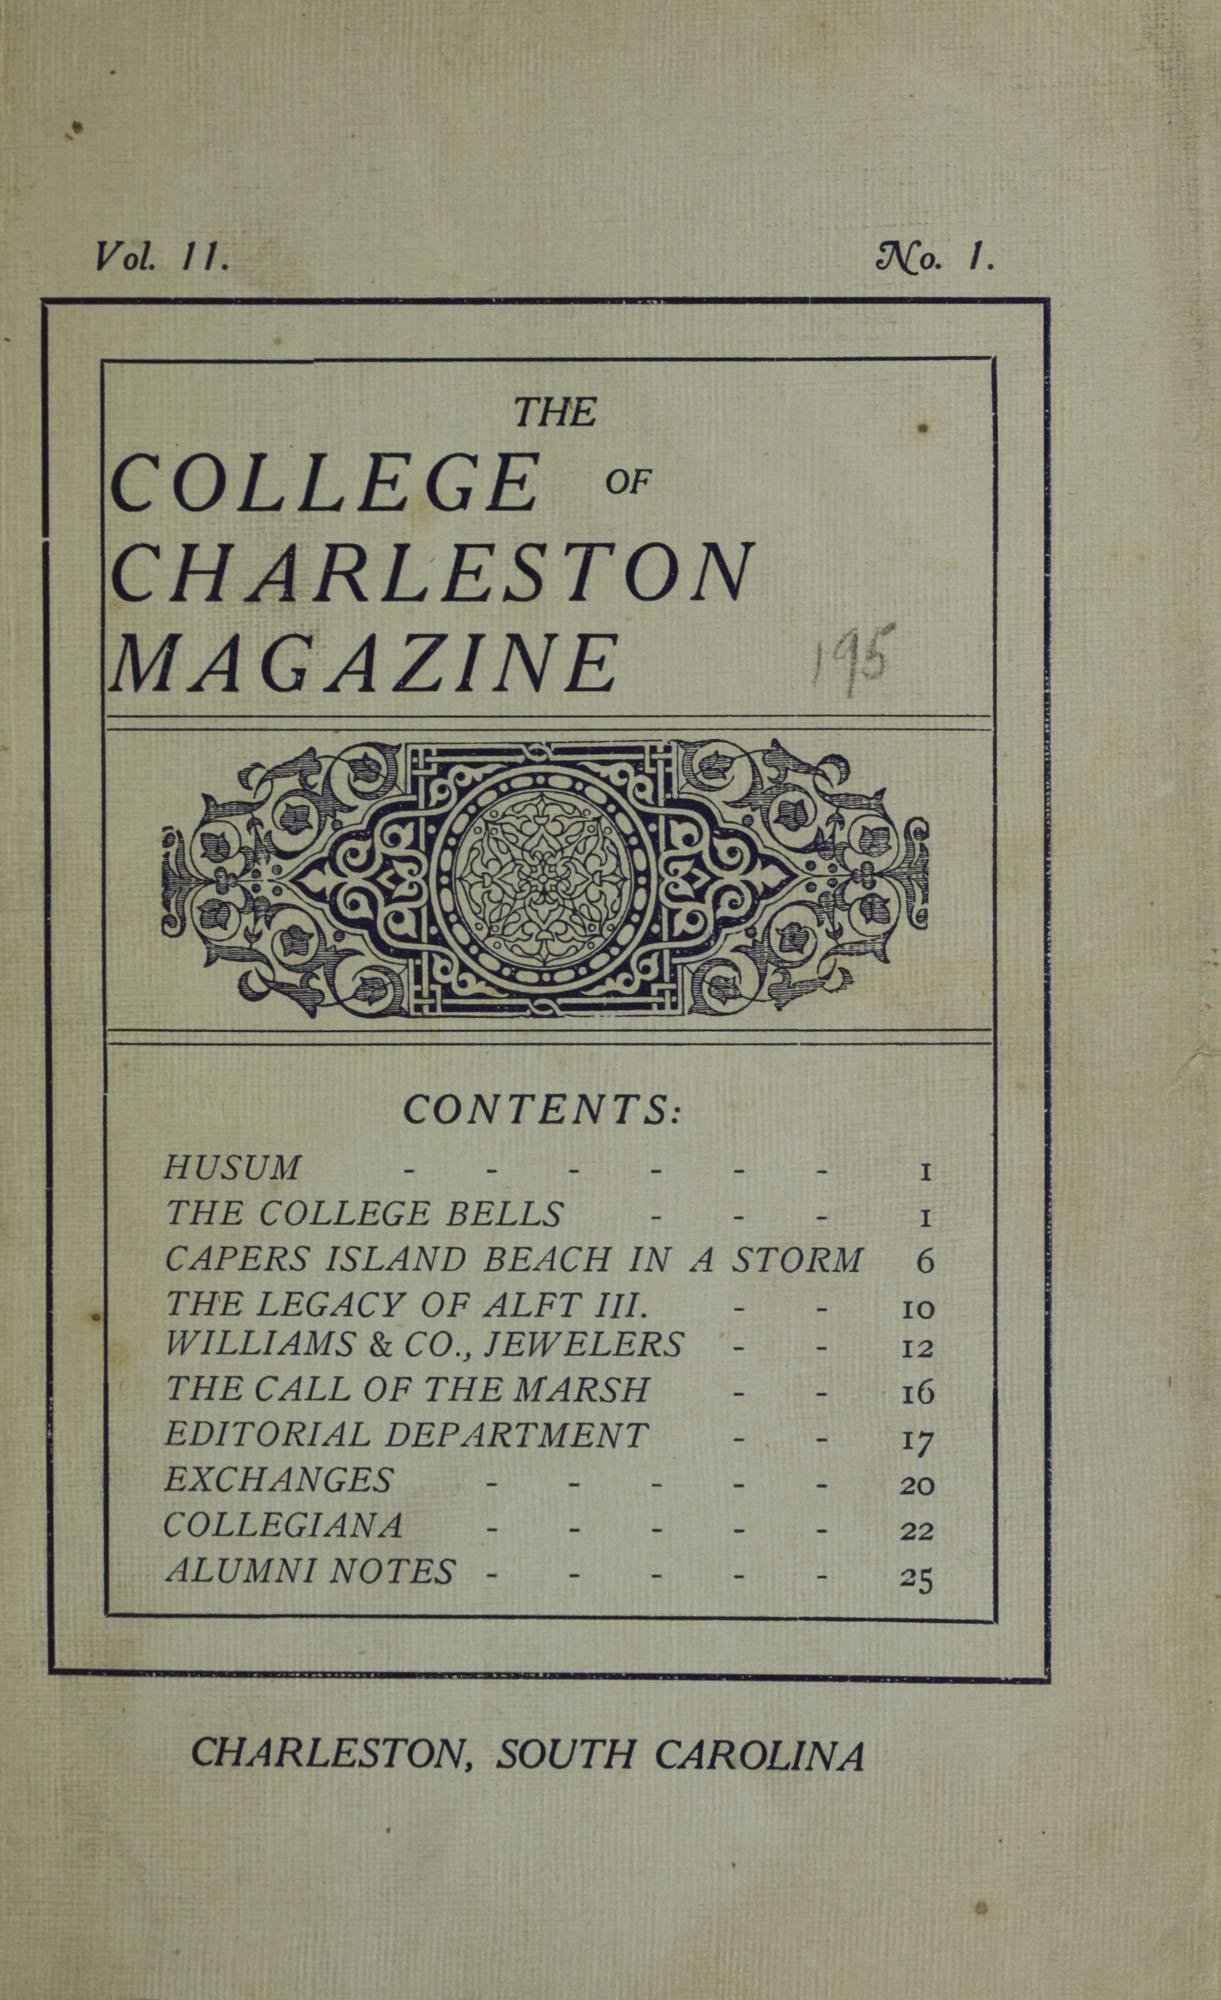 College of Charleston Magazine, 1907-1908